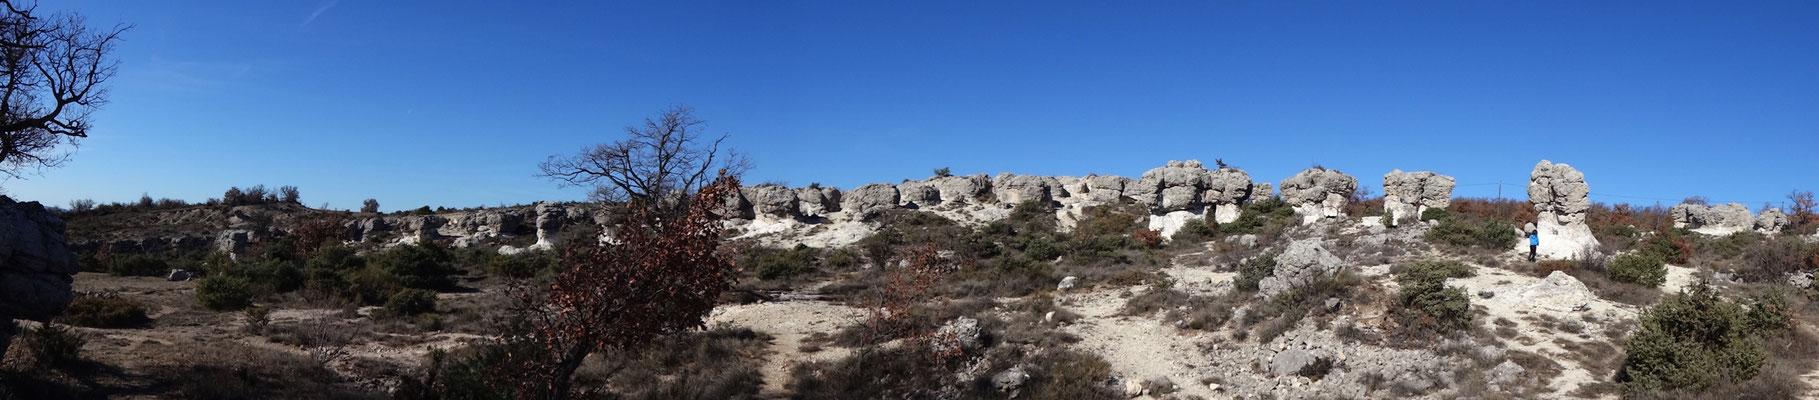 Les Mourres en panoramique